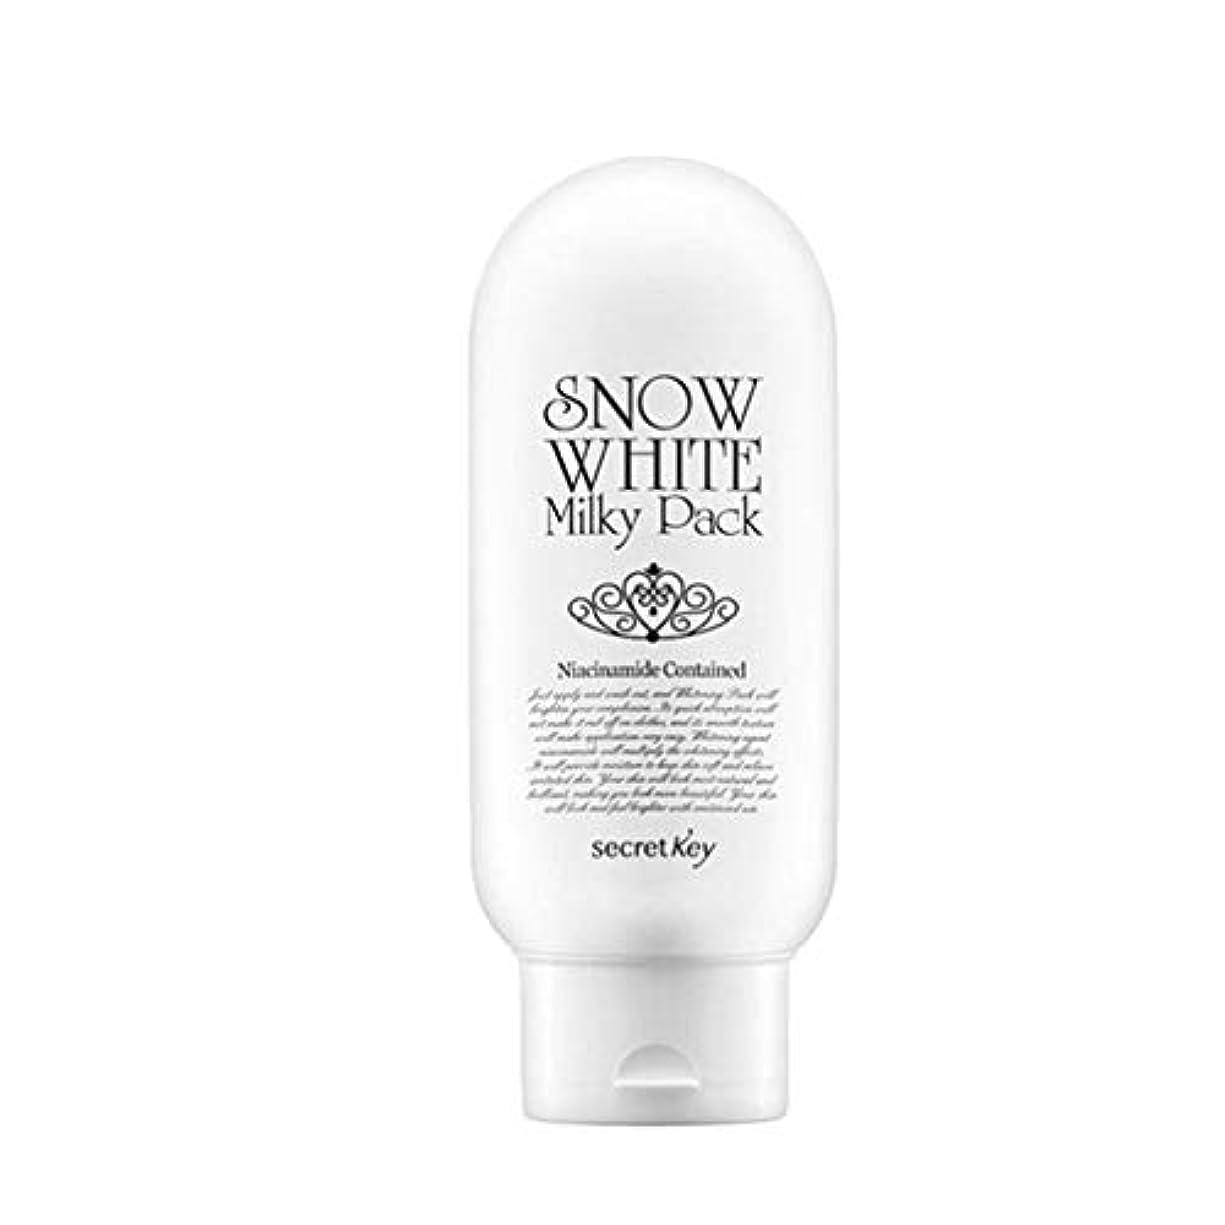 寄託岸クルーズシークレットキースノーホワイトミルキーパック200g韓国コスメ、Secret Key Snow White Milky Pack 200g Korean Cosmetics [並行輸入品]